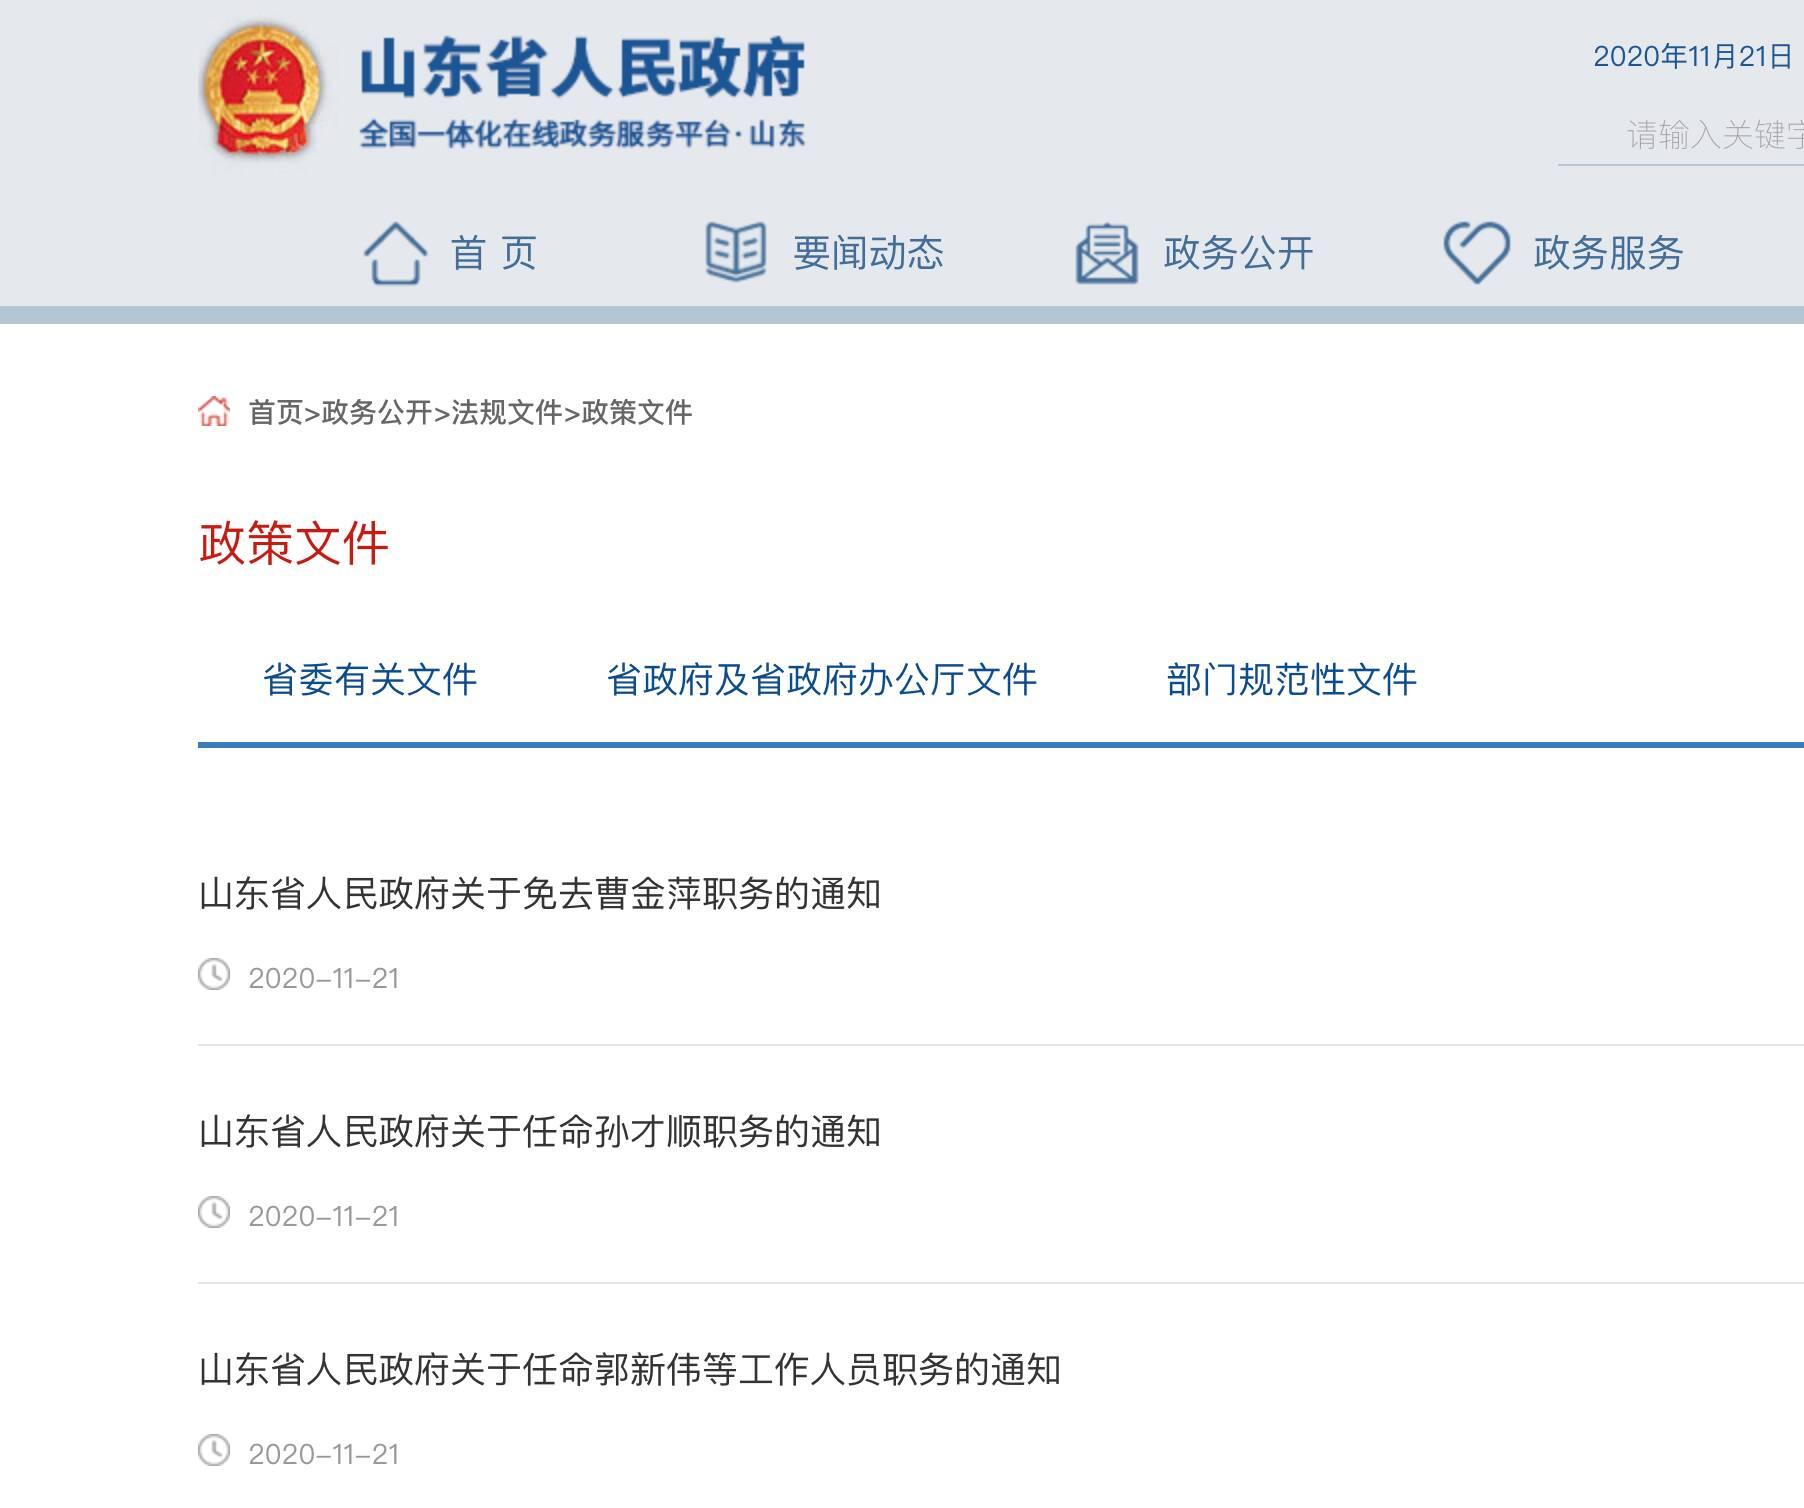 山东省政府发布一批人事任免 涉多所高校